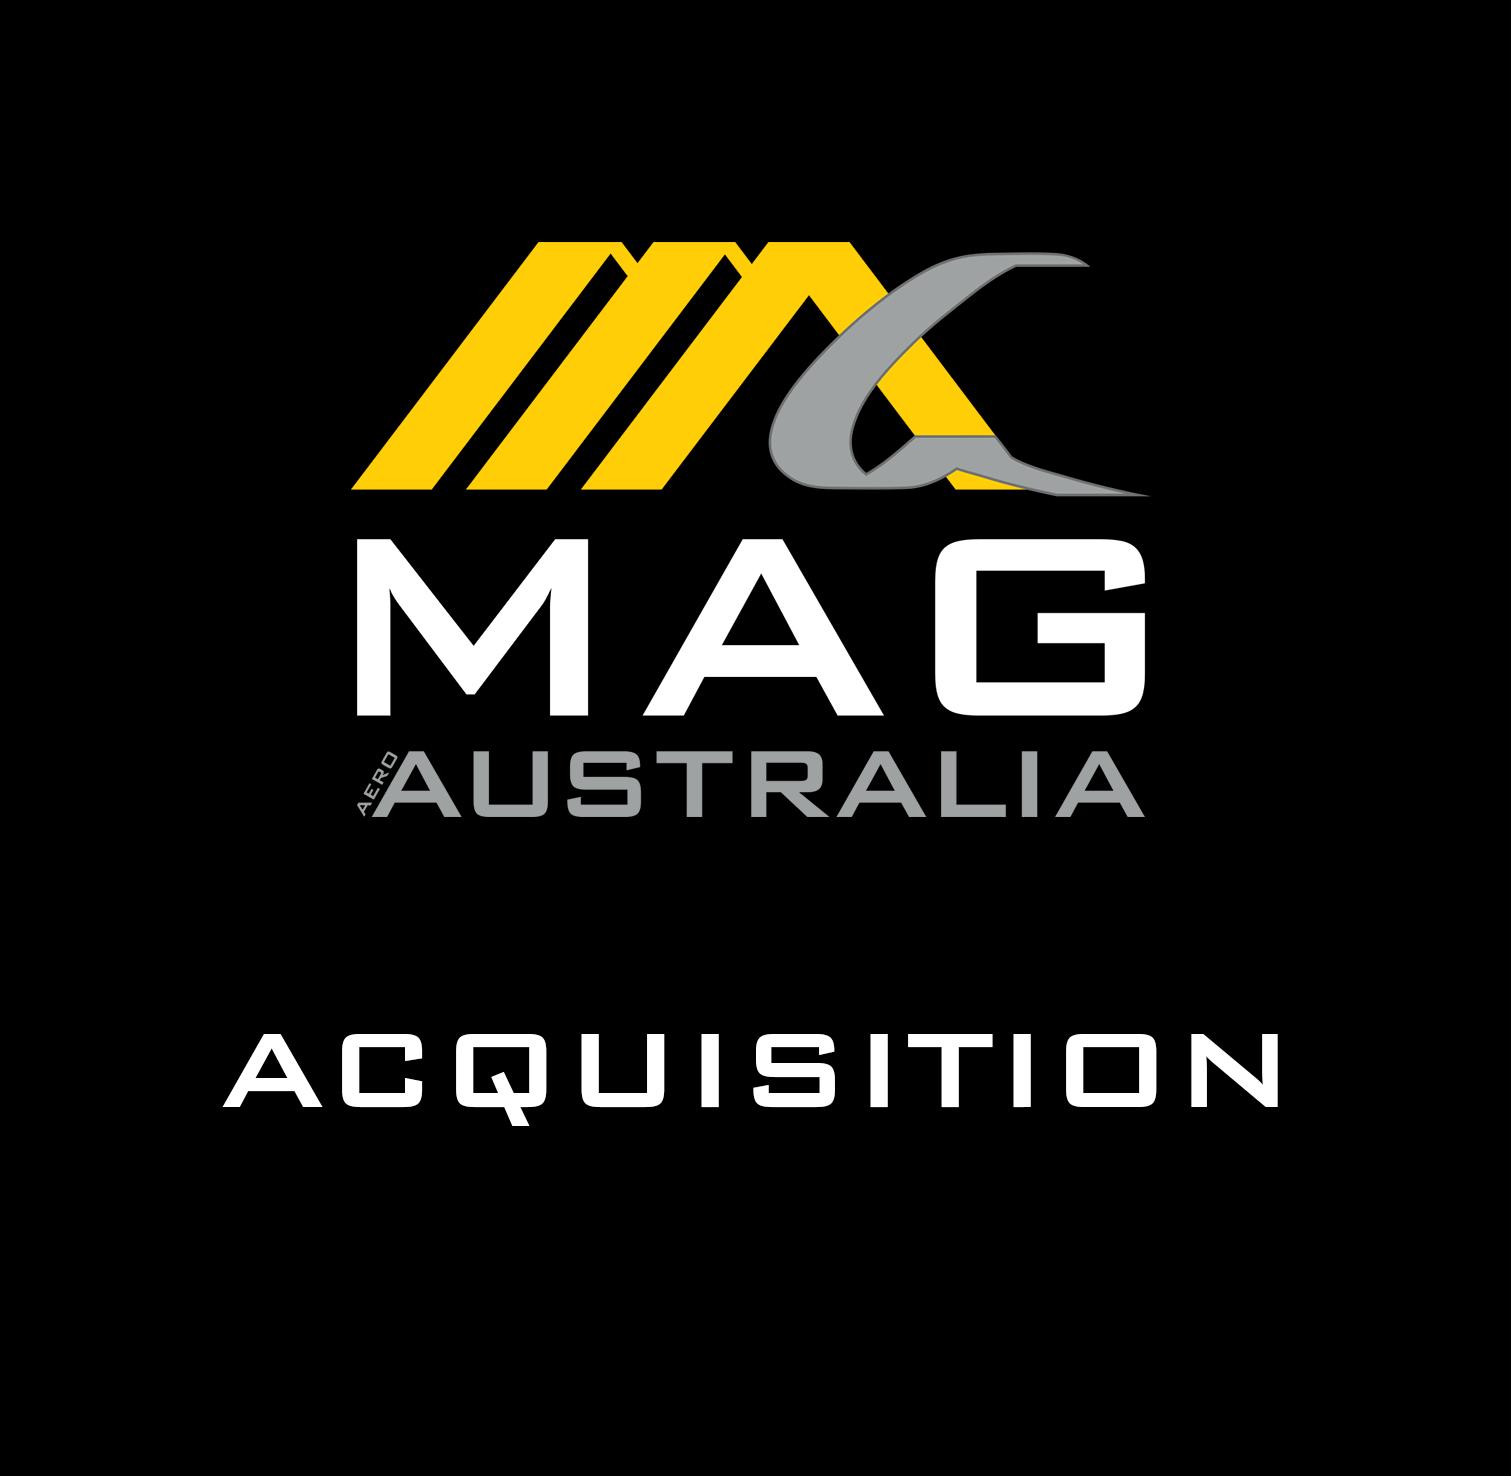 MAG Aussie Aquisition